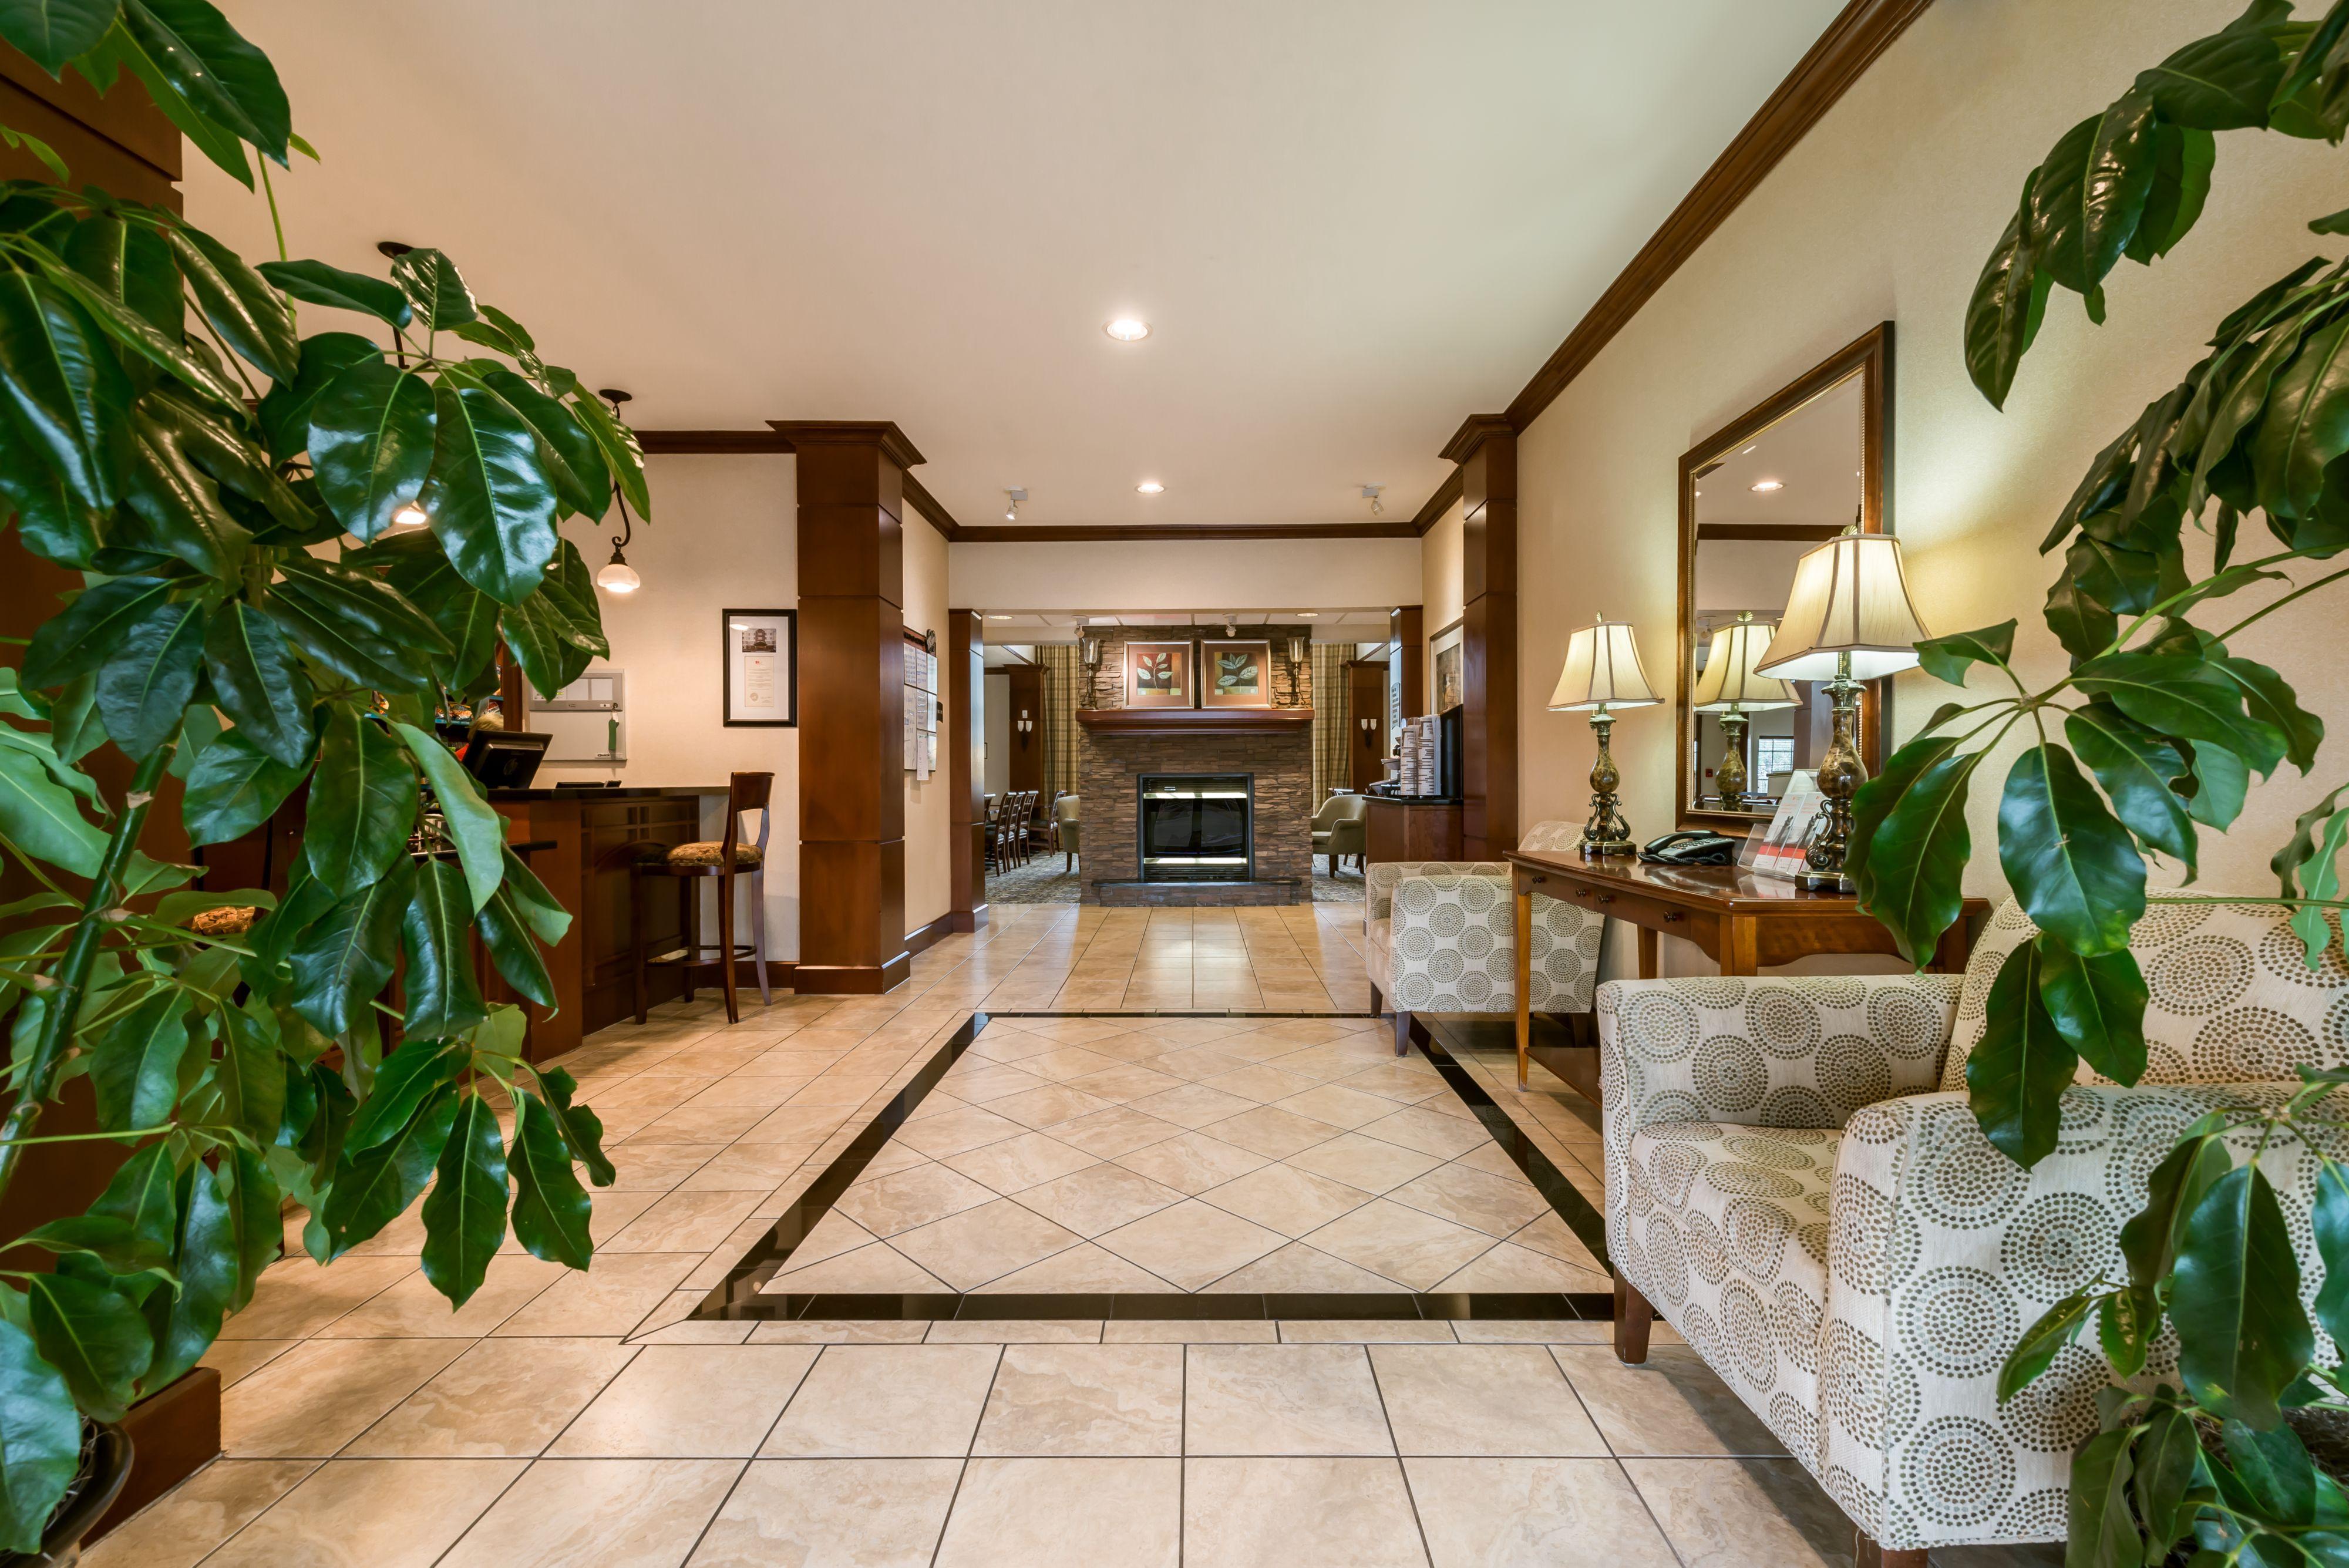 Staybridge Suites Gulf Shores image 6